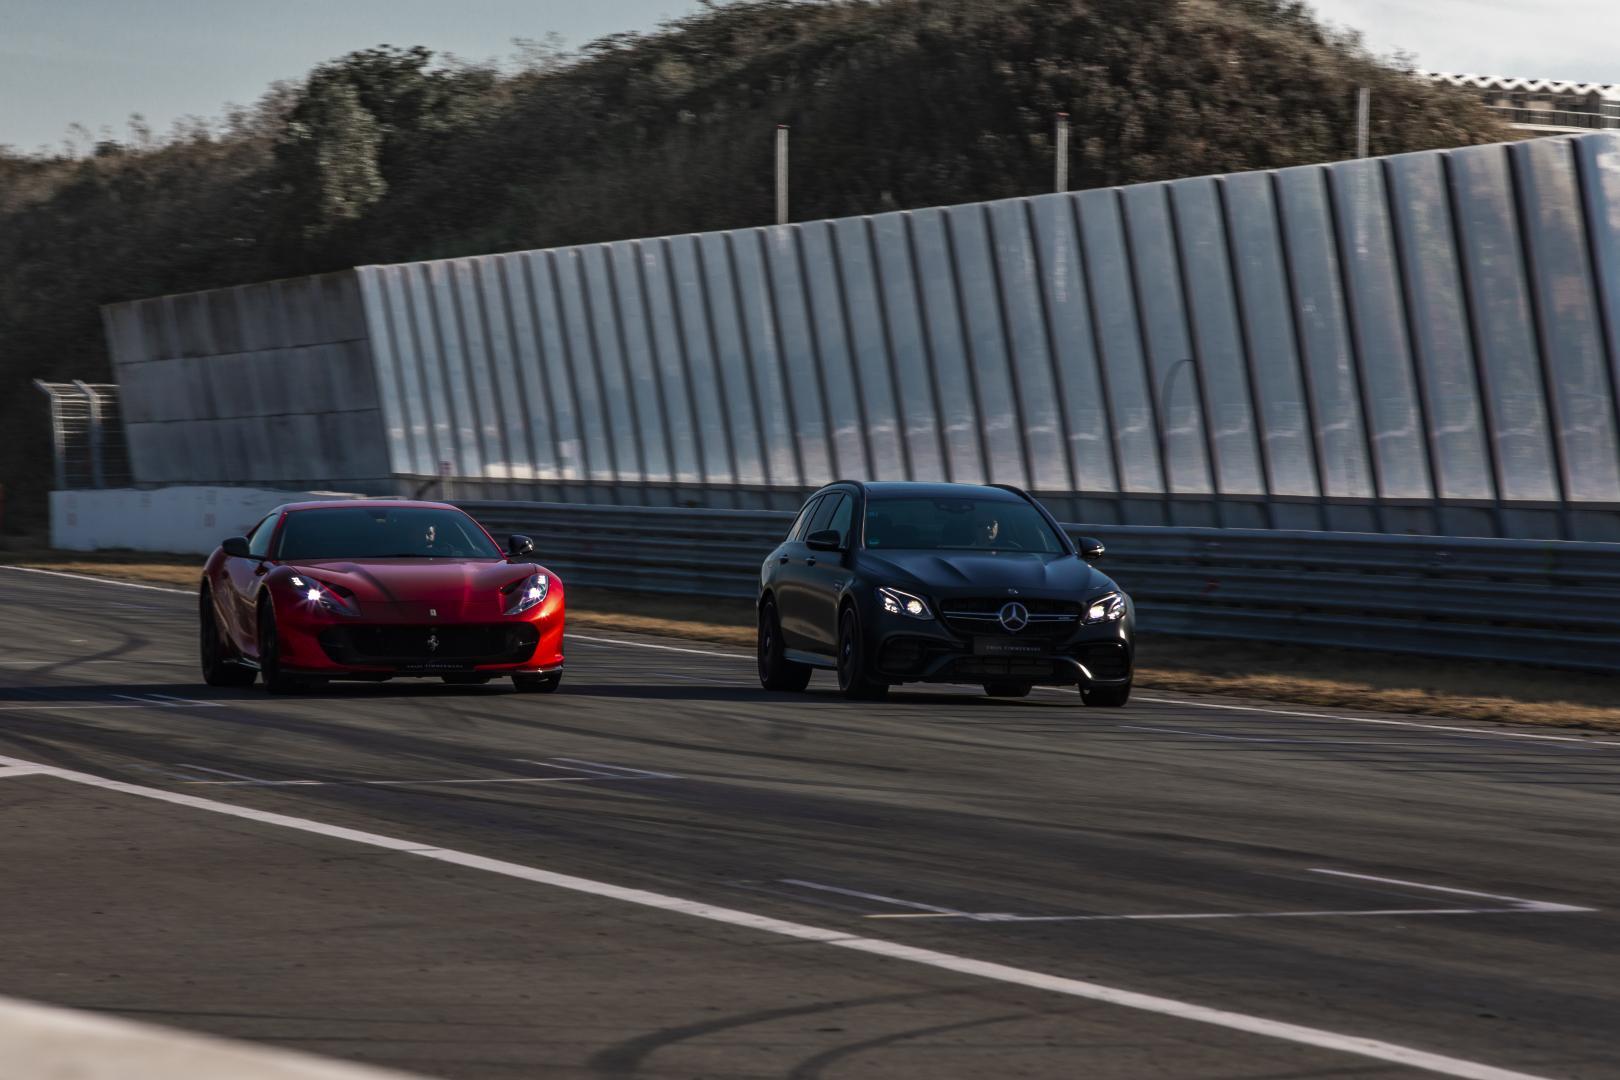 Ferrari 812 Superfast VS Brabus 800 E 63 S Estate